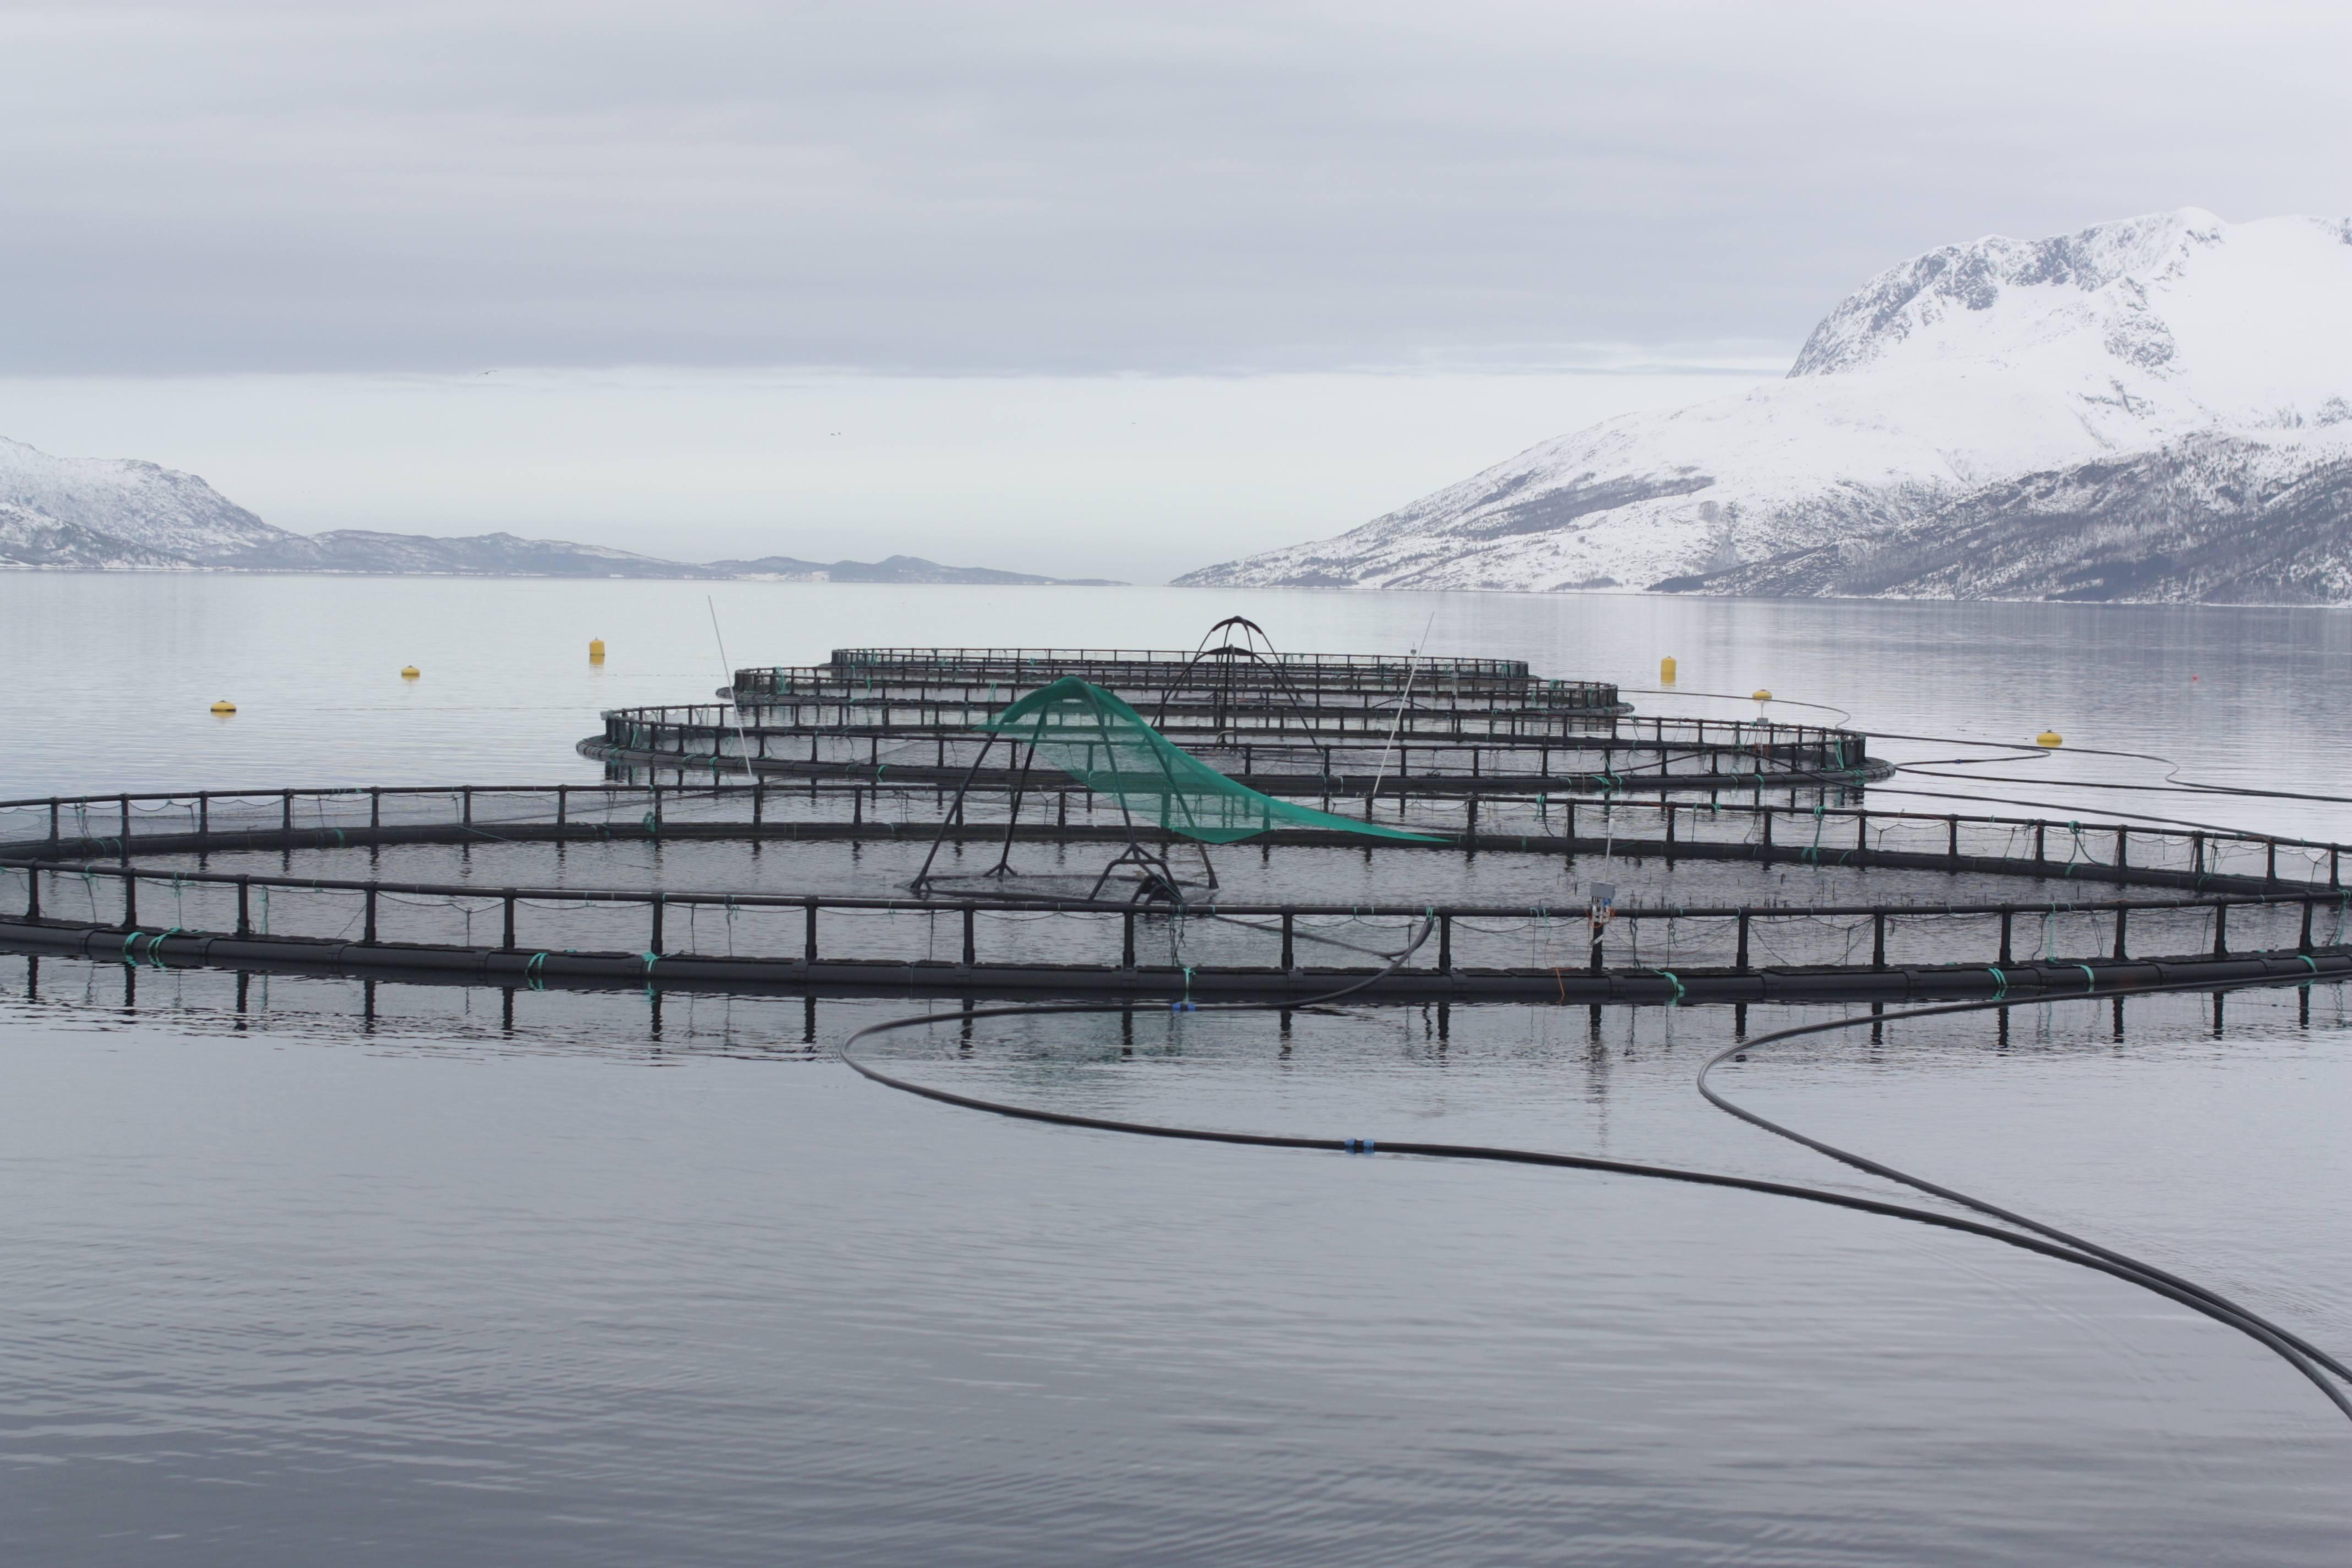 farm-raised salmon offshore aquaculture